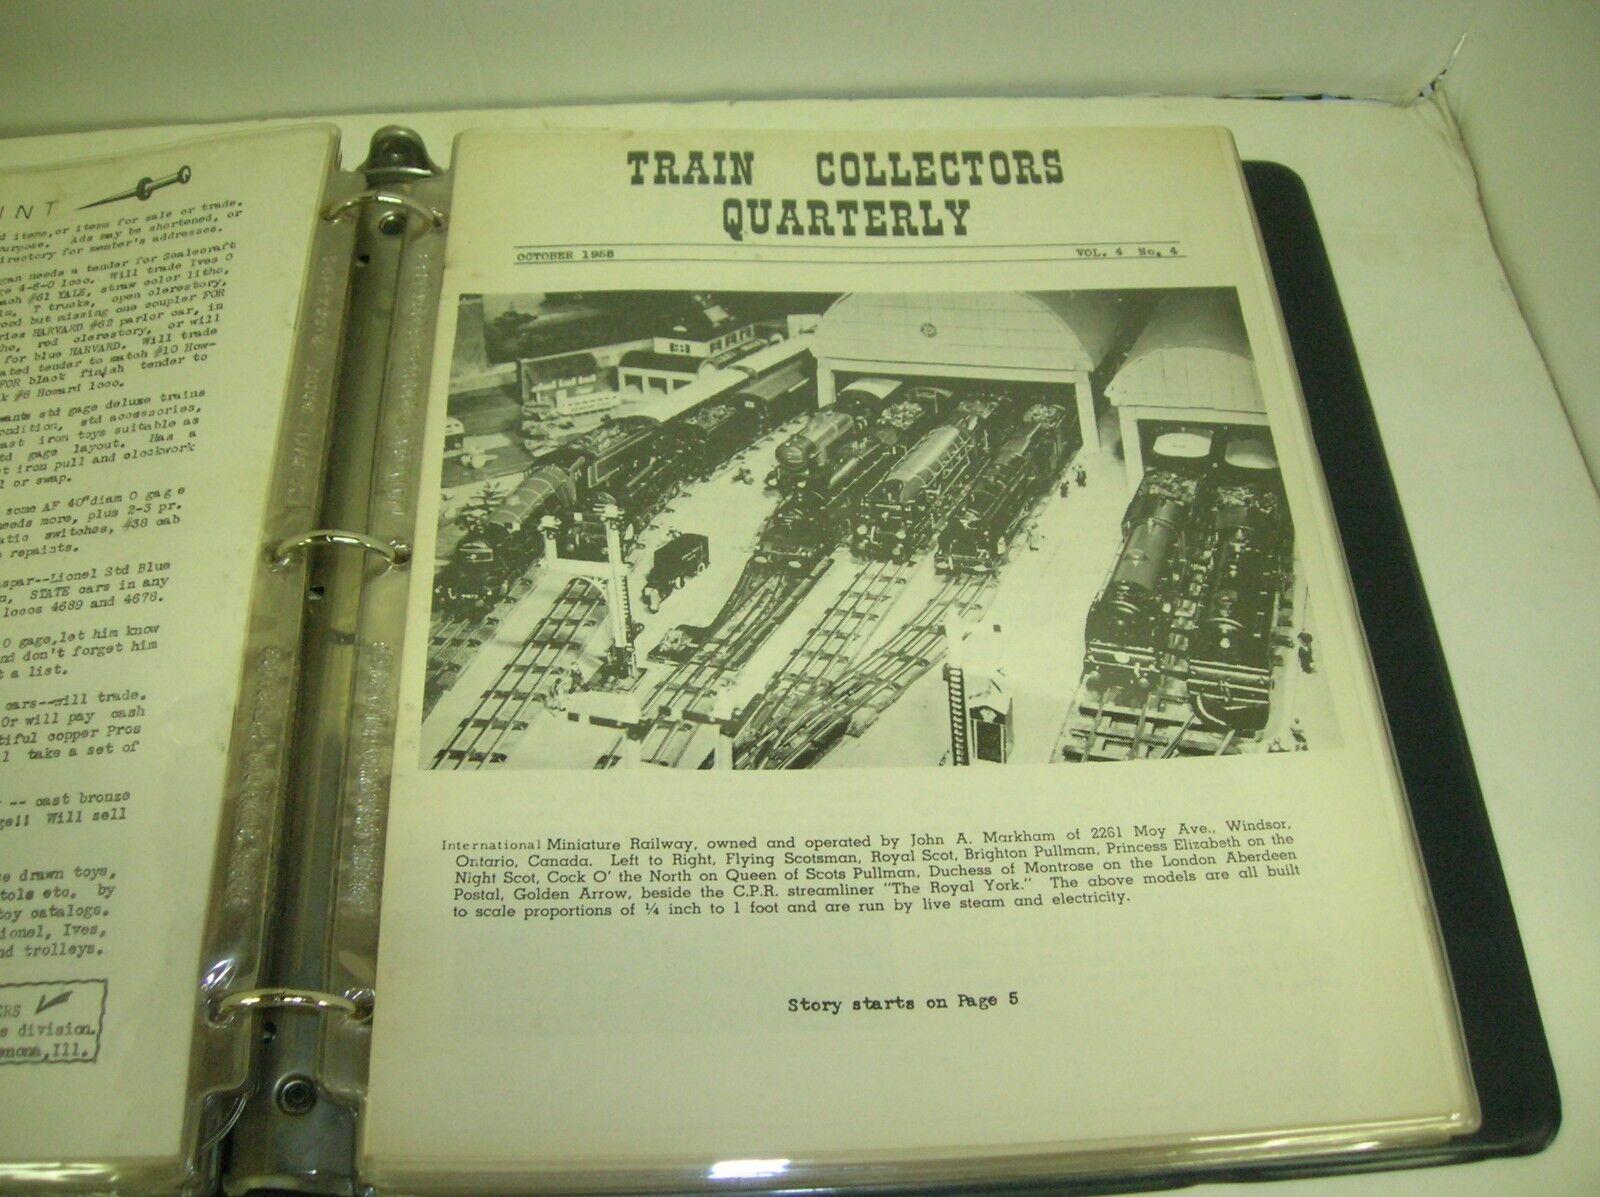 Cocheta de noticias trimestral de Coleccionistas de tren octubre 1958 Vol. 4 Nº 4-que ofrece